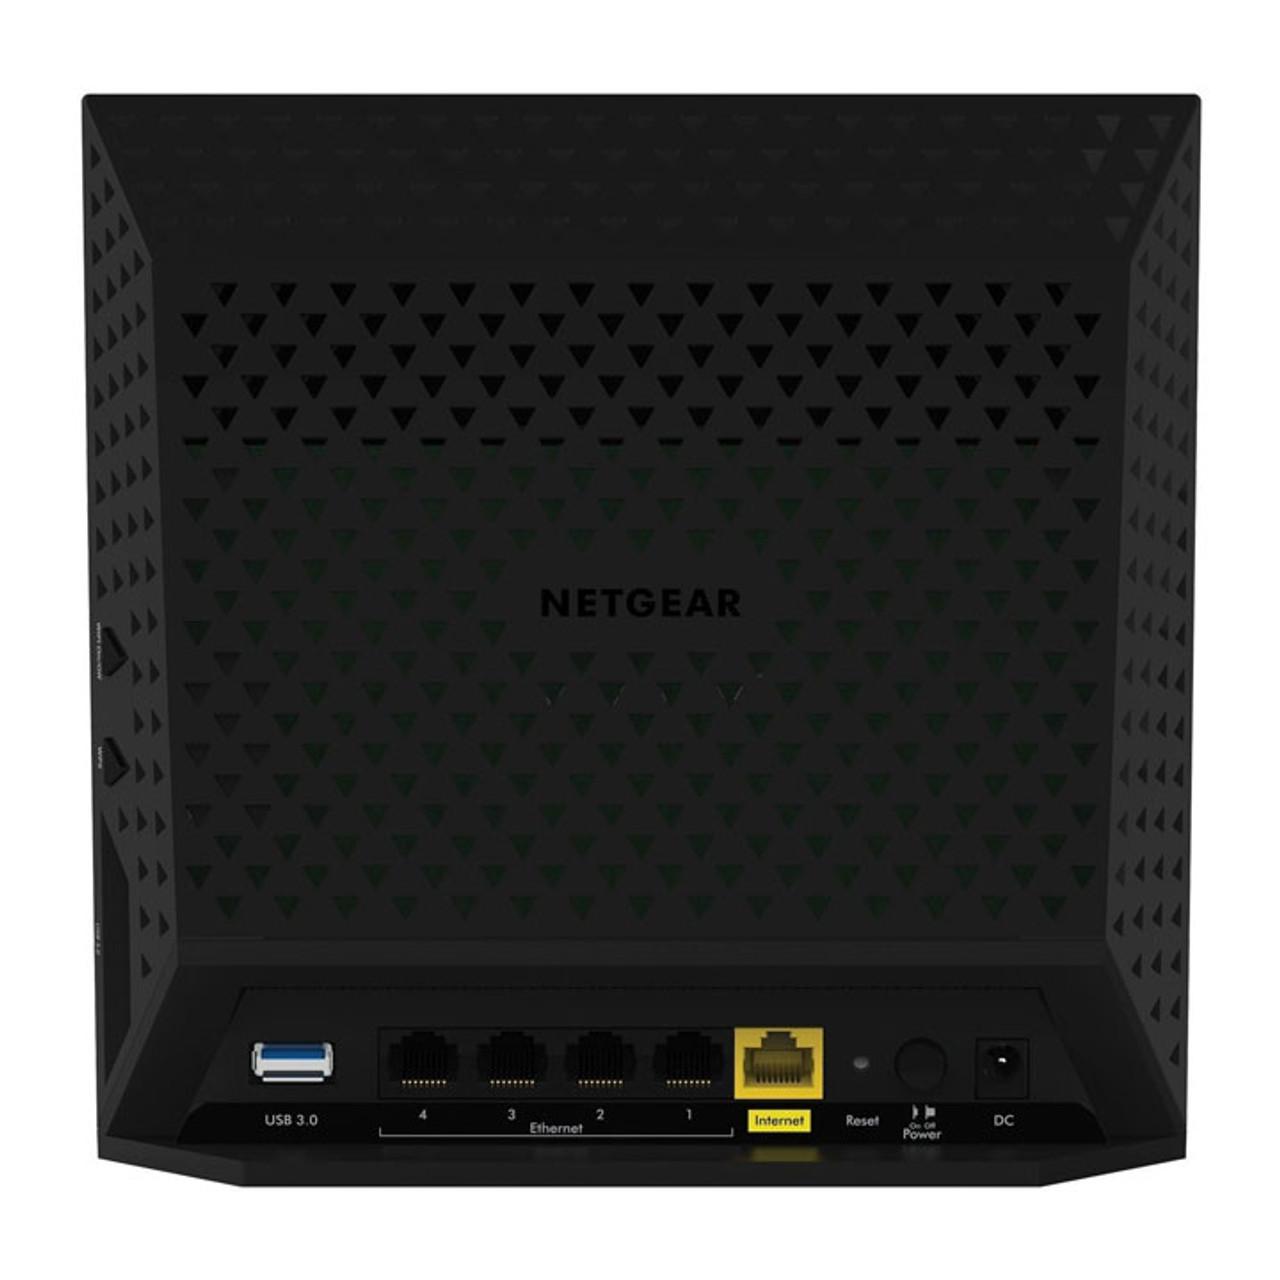 Vpn router netgear r6400 sabai technology netgear r6300 vpn router back greentooth Choice Image